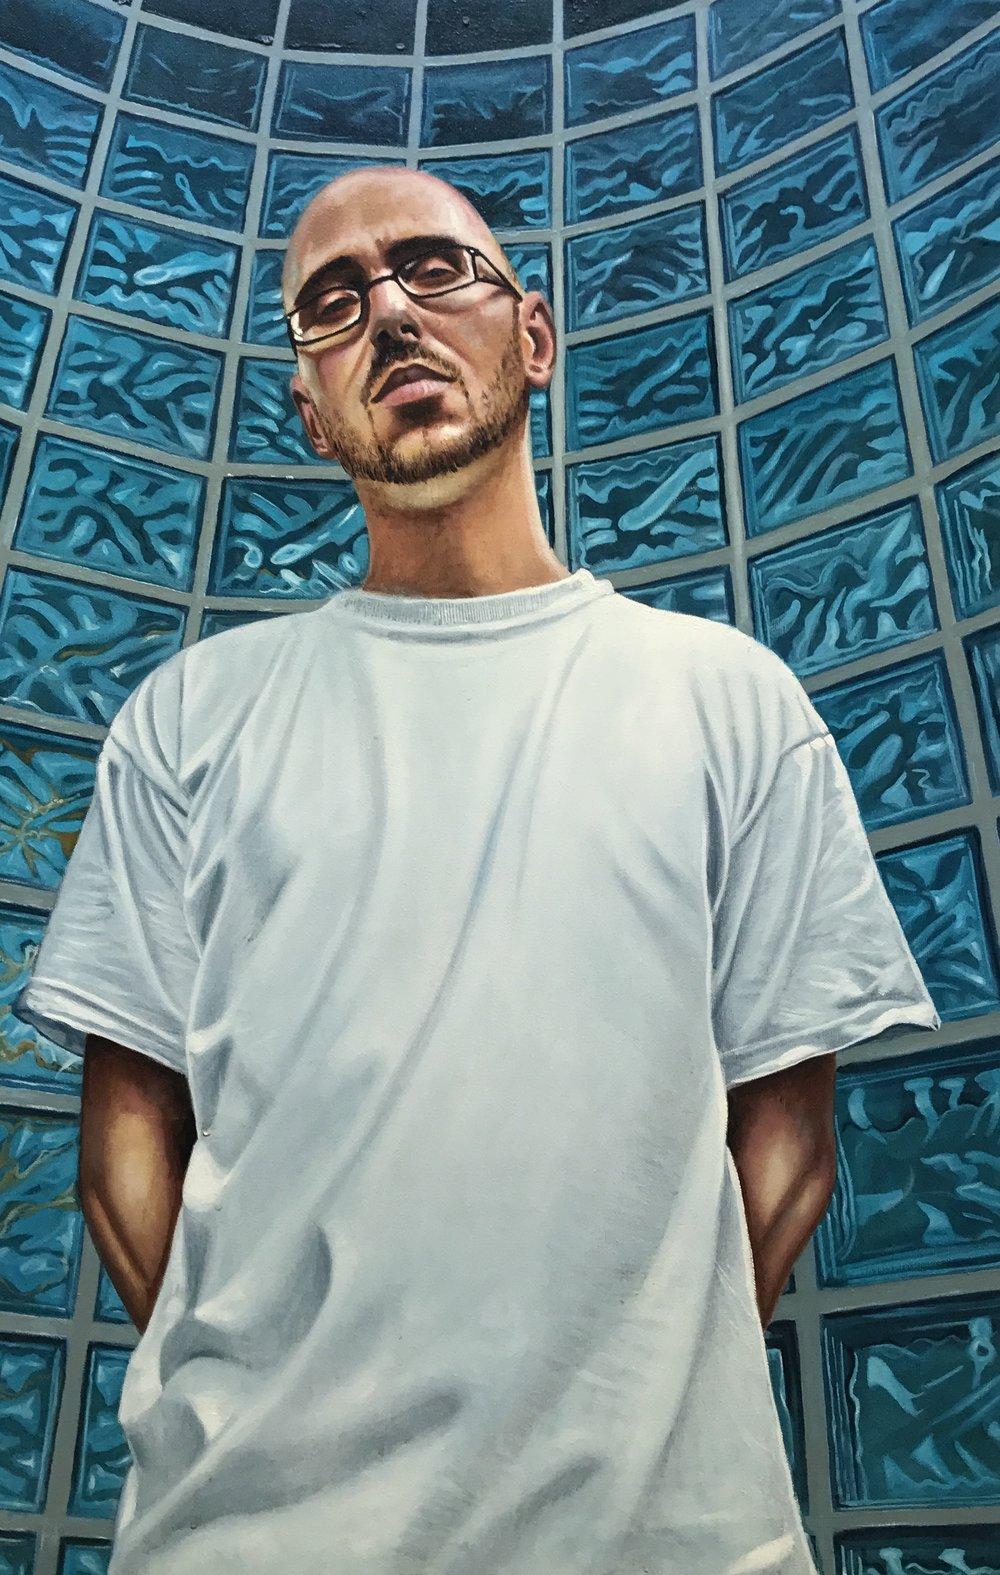 b-boy oil on canvas 60 x 90 cm - Copia.jpg